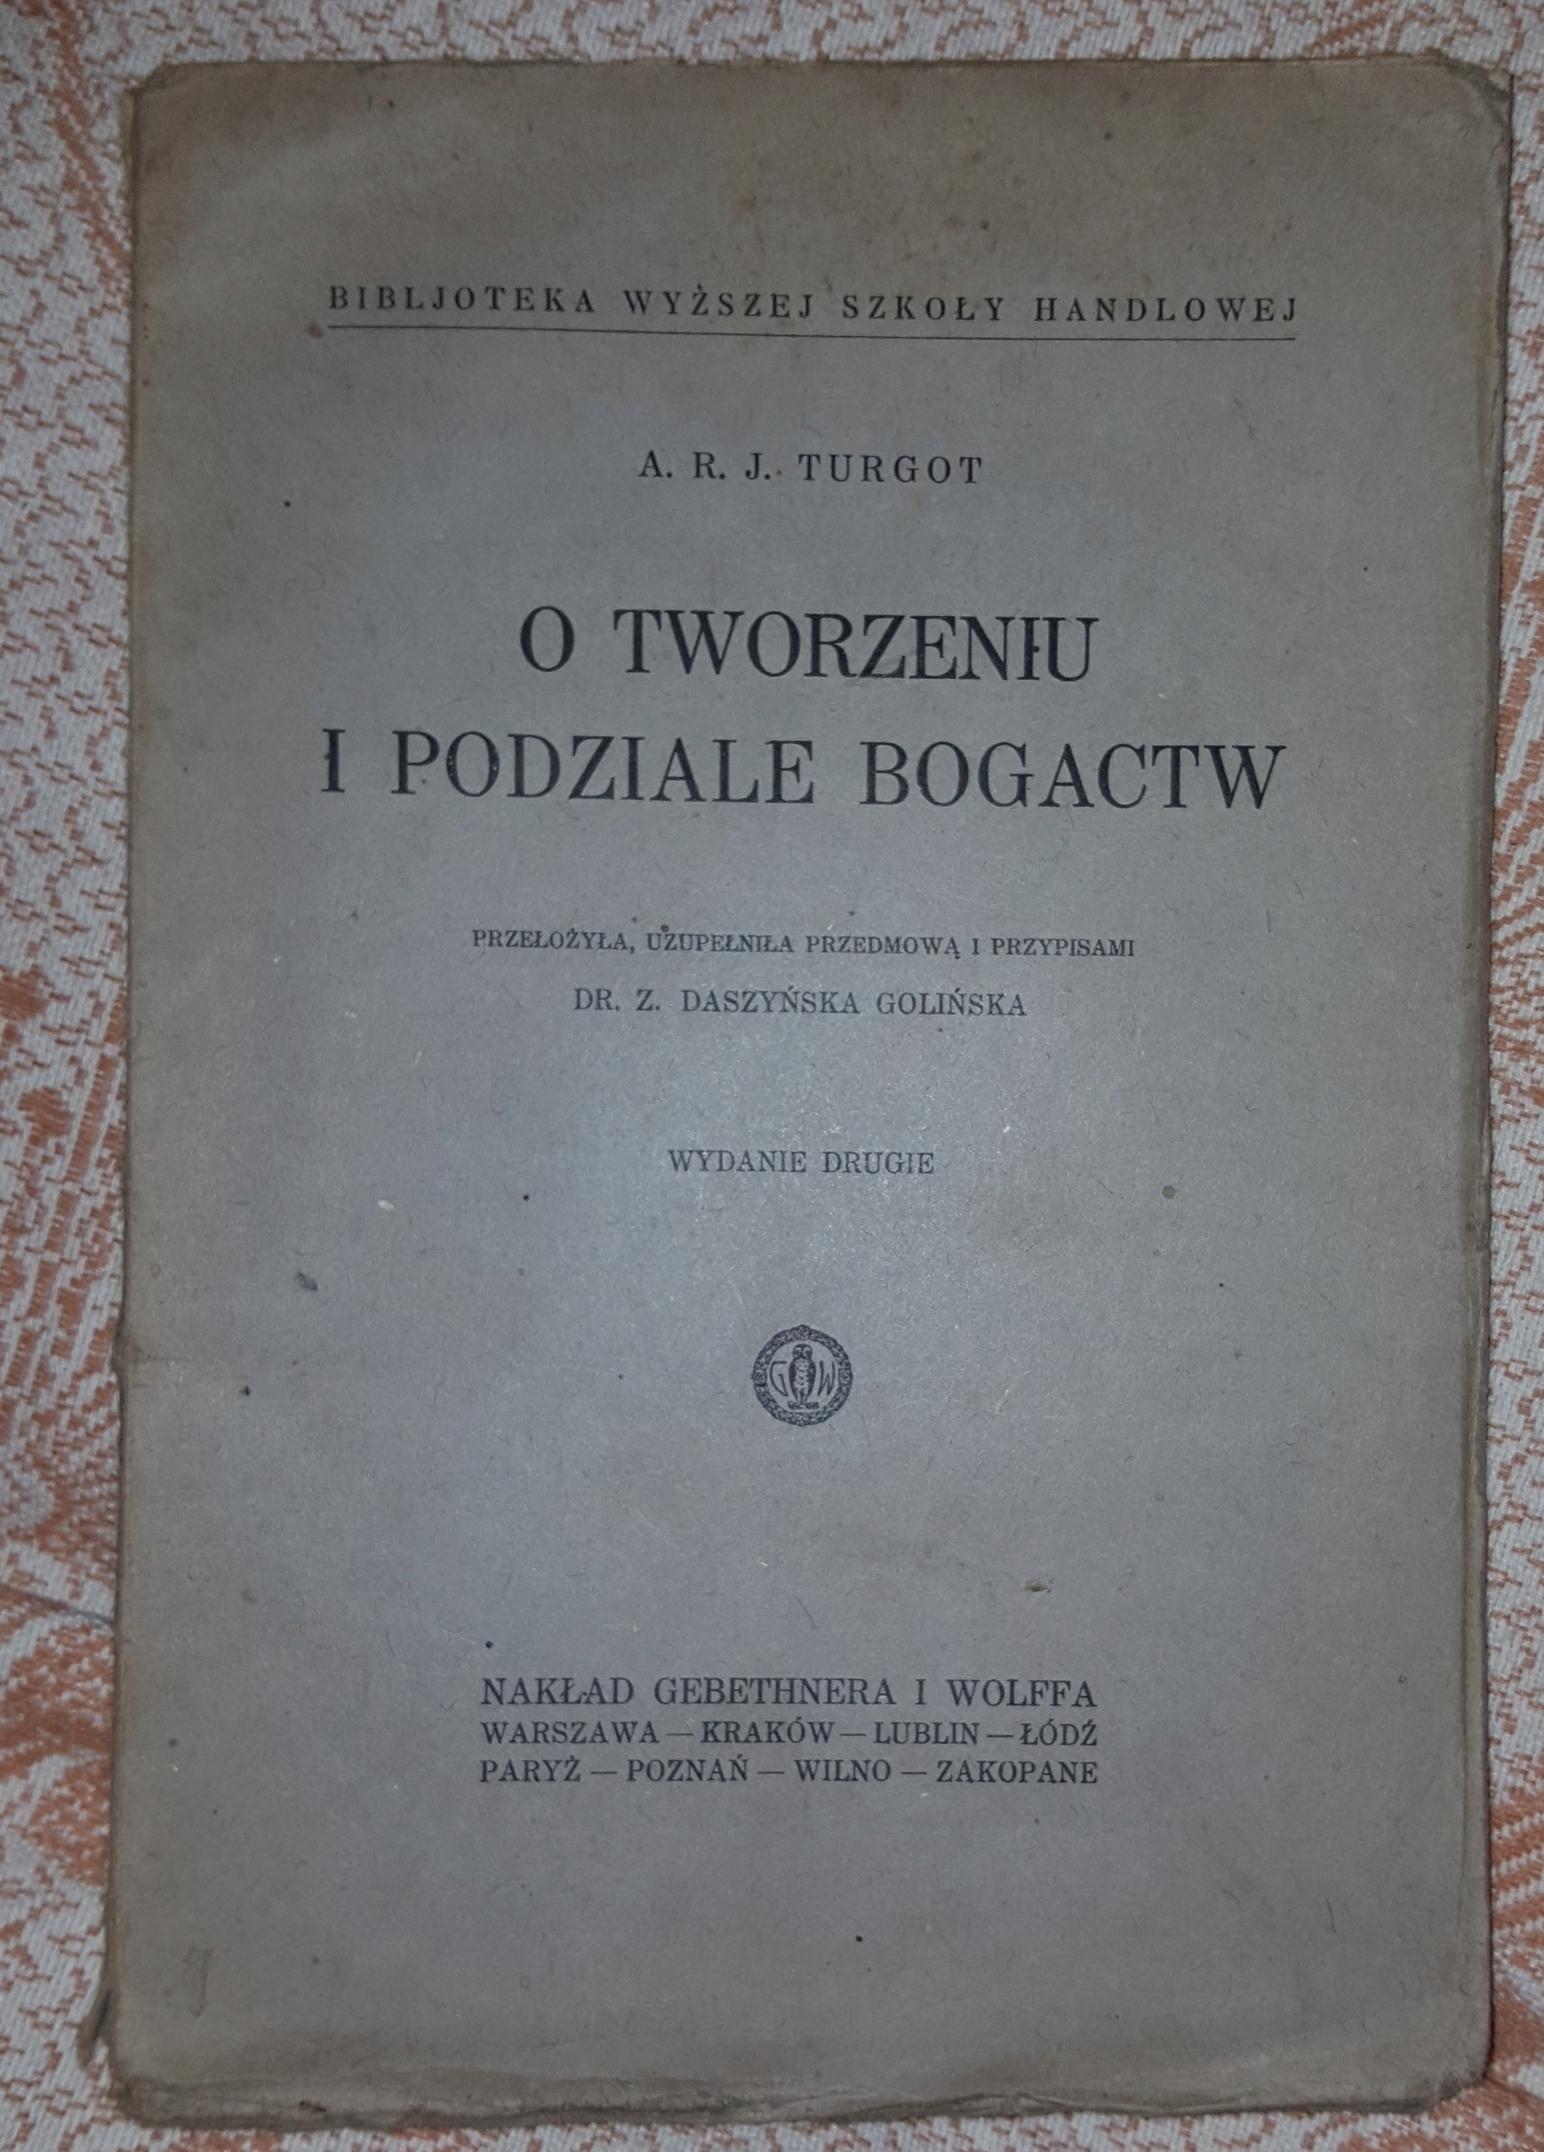 O TWORZENIU I PODZIALE BOGACTW- TURGOT, 1927